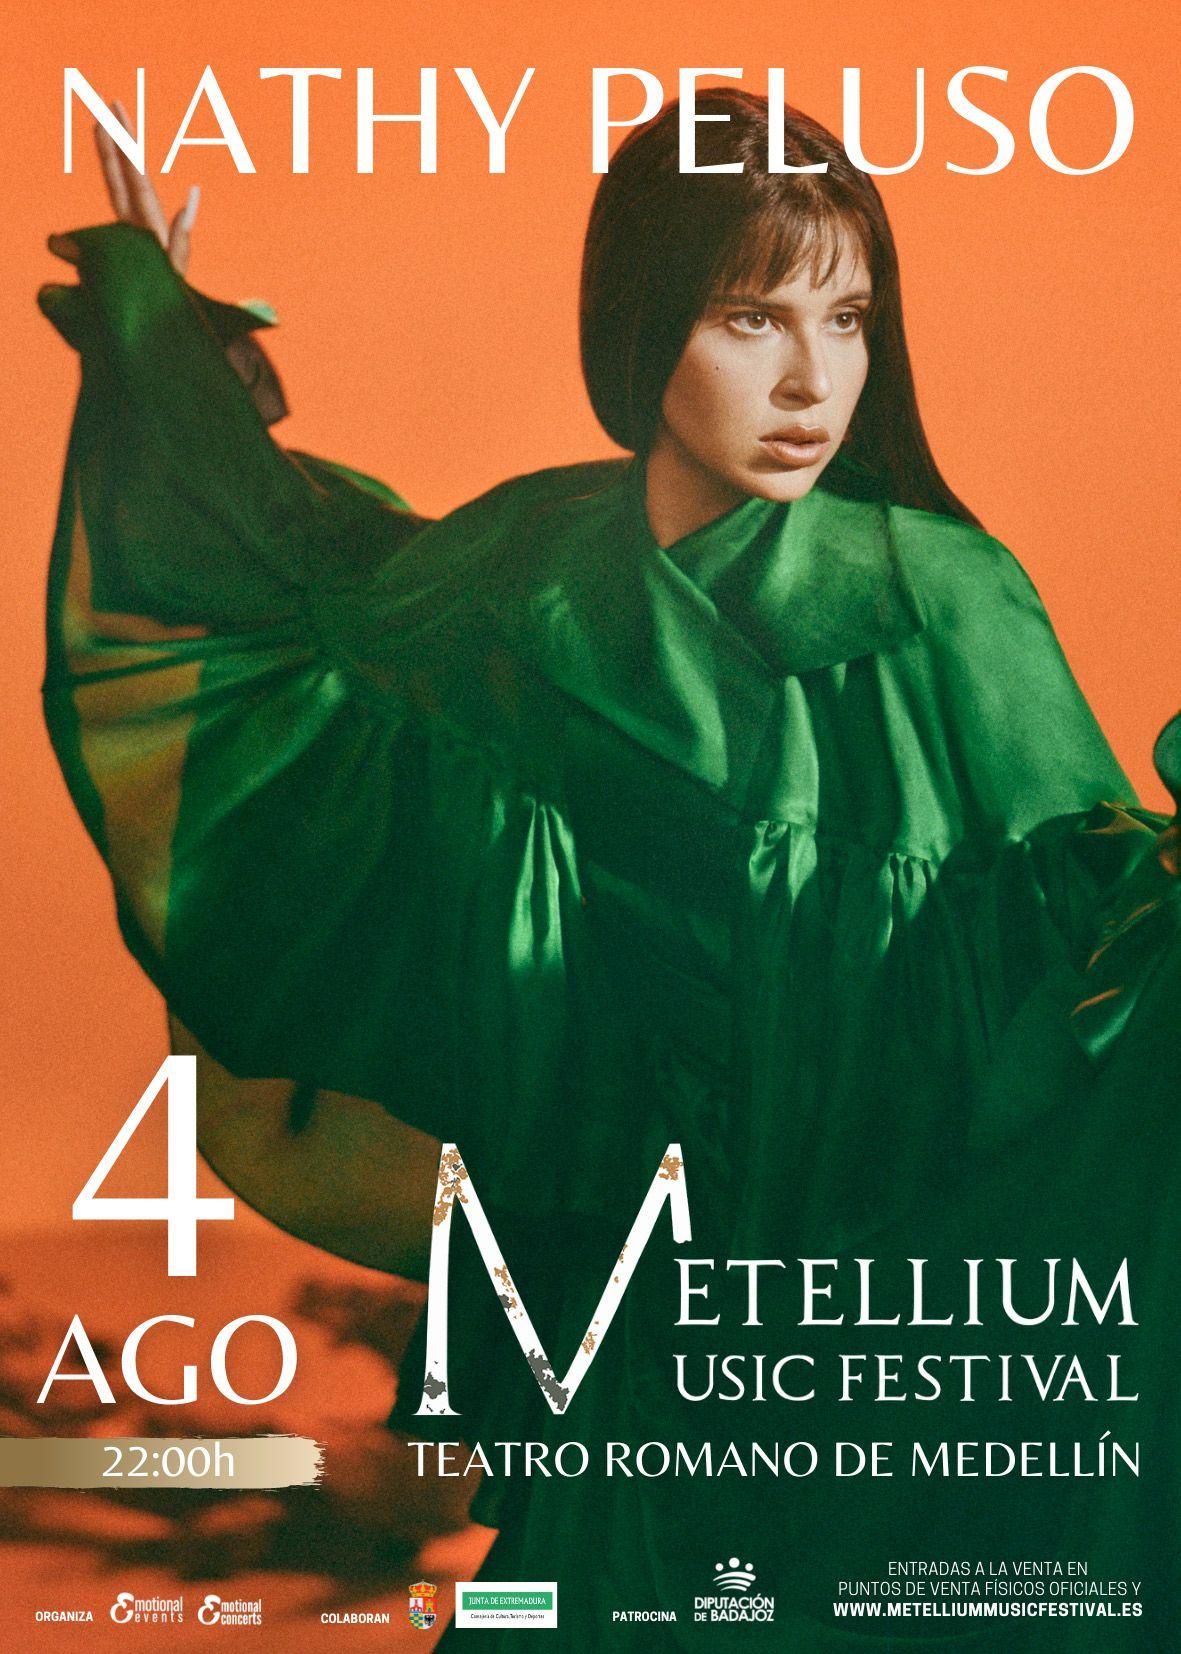 Nathy peluso Metellium